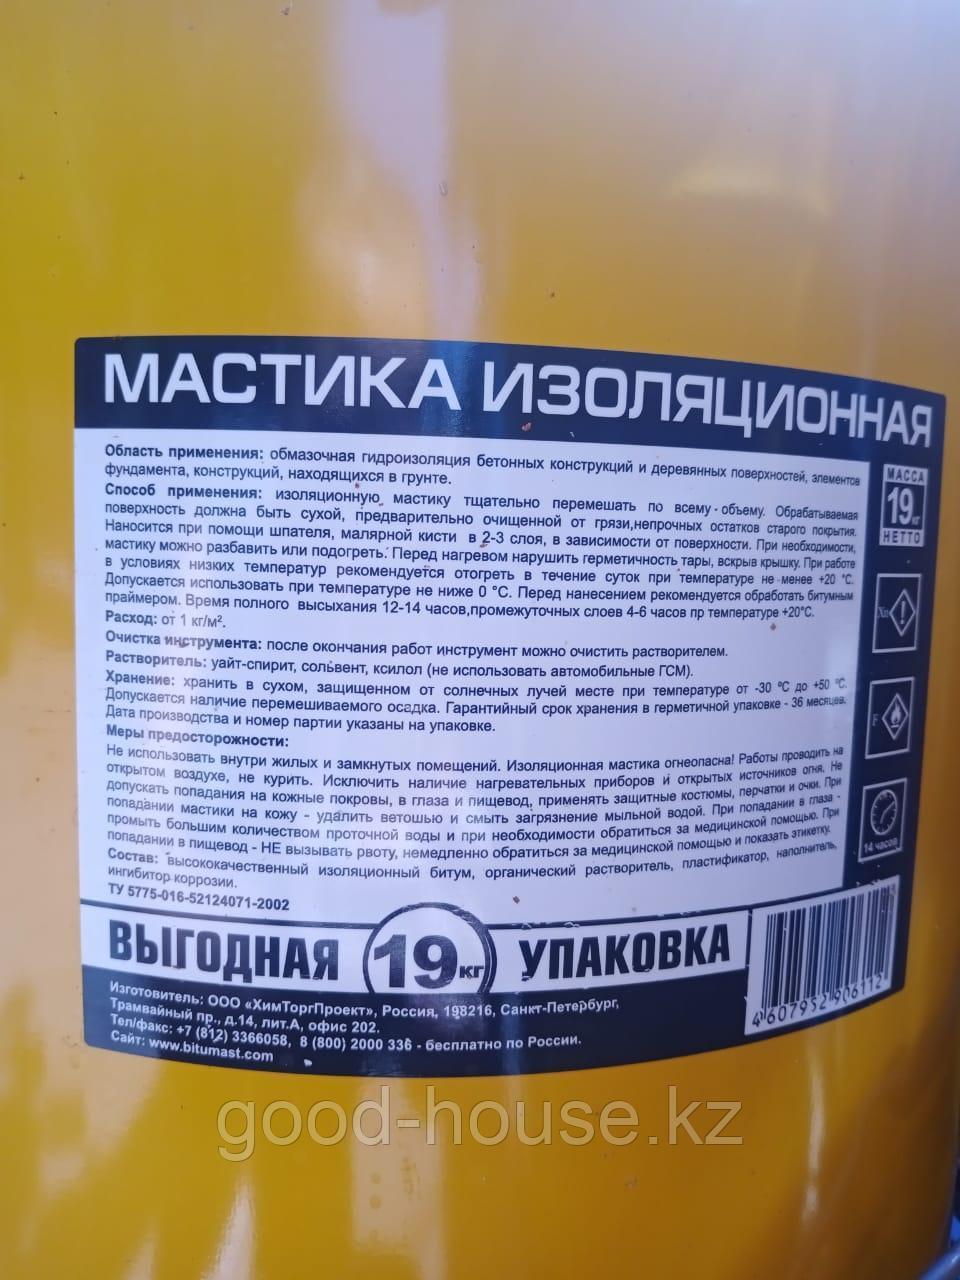 Мастика изоляционная 21.5 литра, 19кг. - фото 1